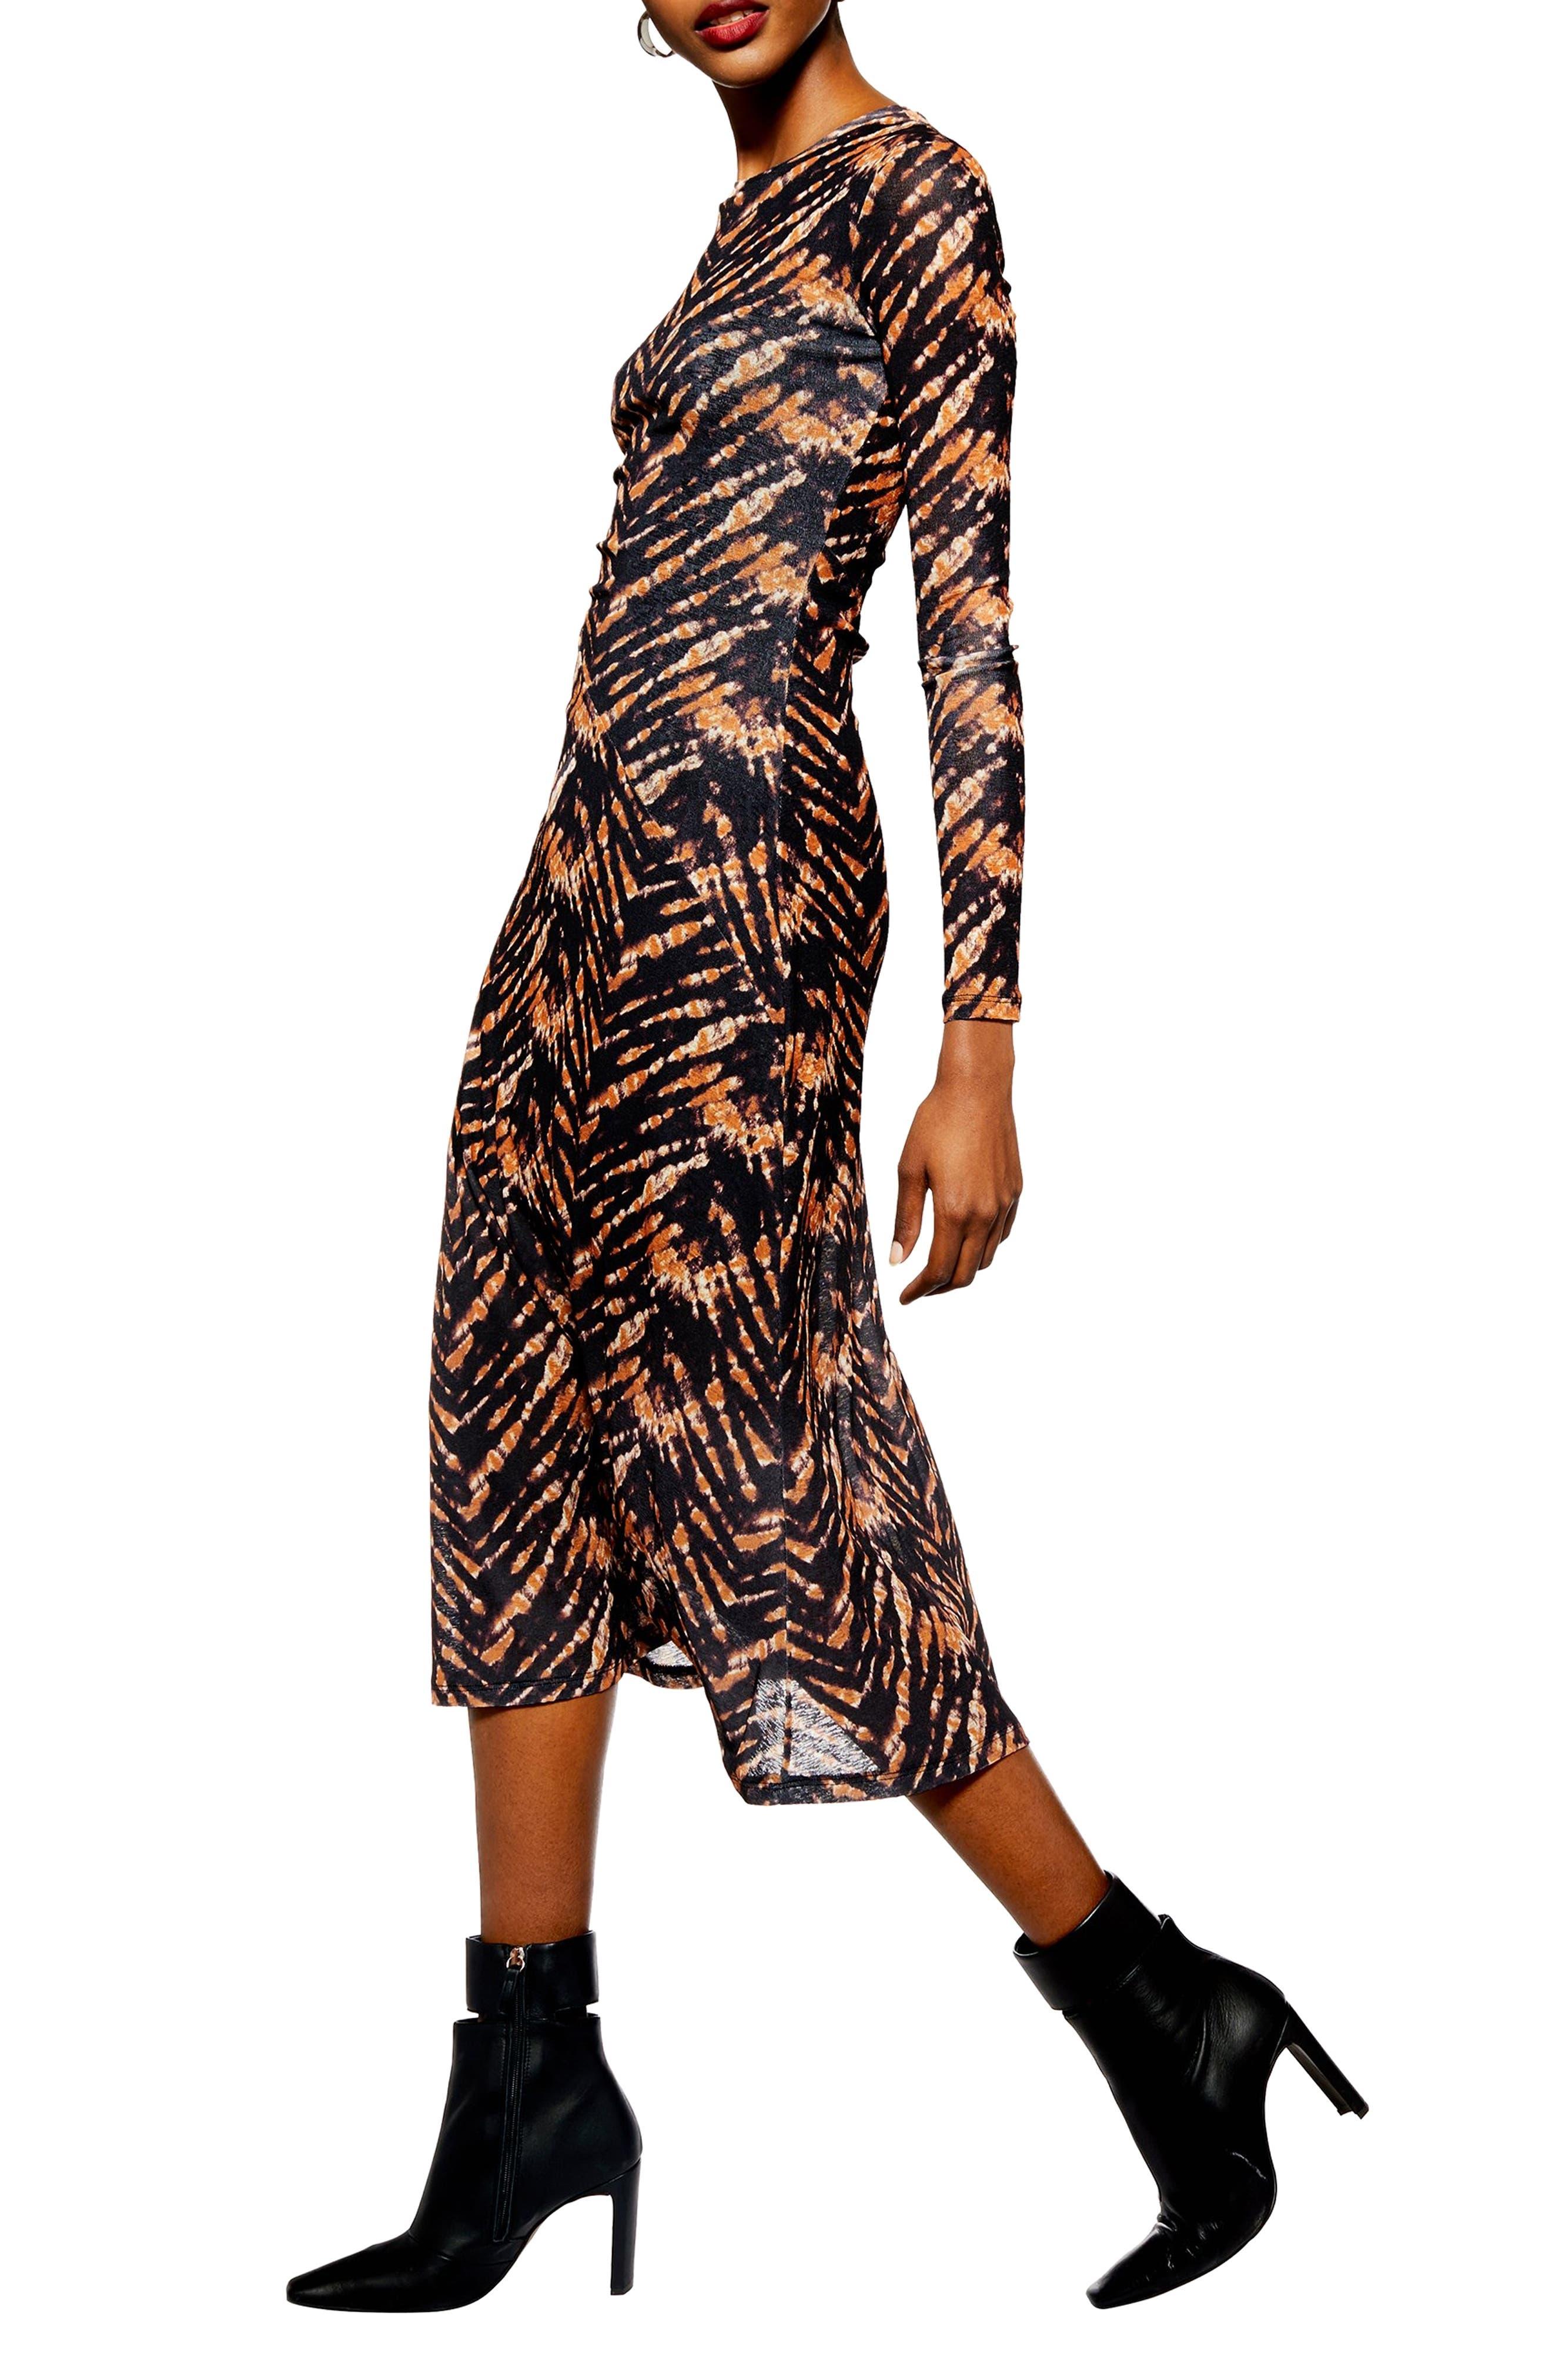 TOPSHOP,                             Tie Dye Mesh Midi Dress,                             Alternate thumbnail 3, color,                             BLACK MULTI